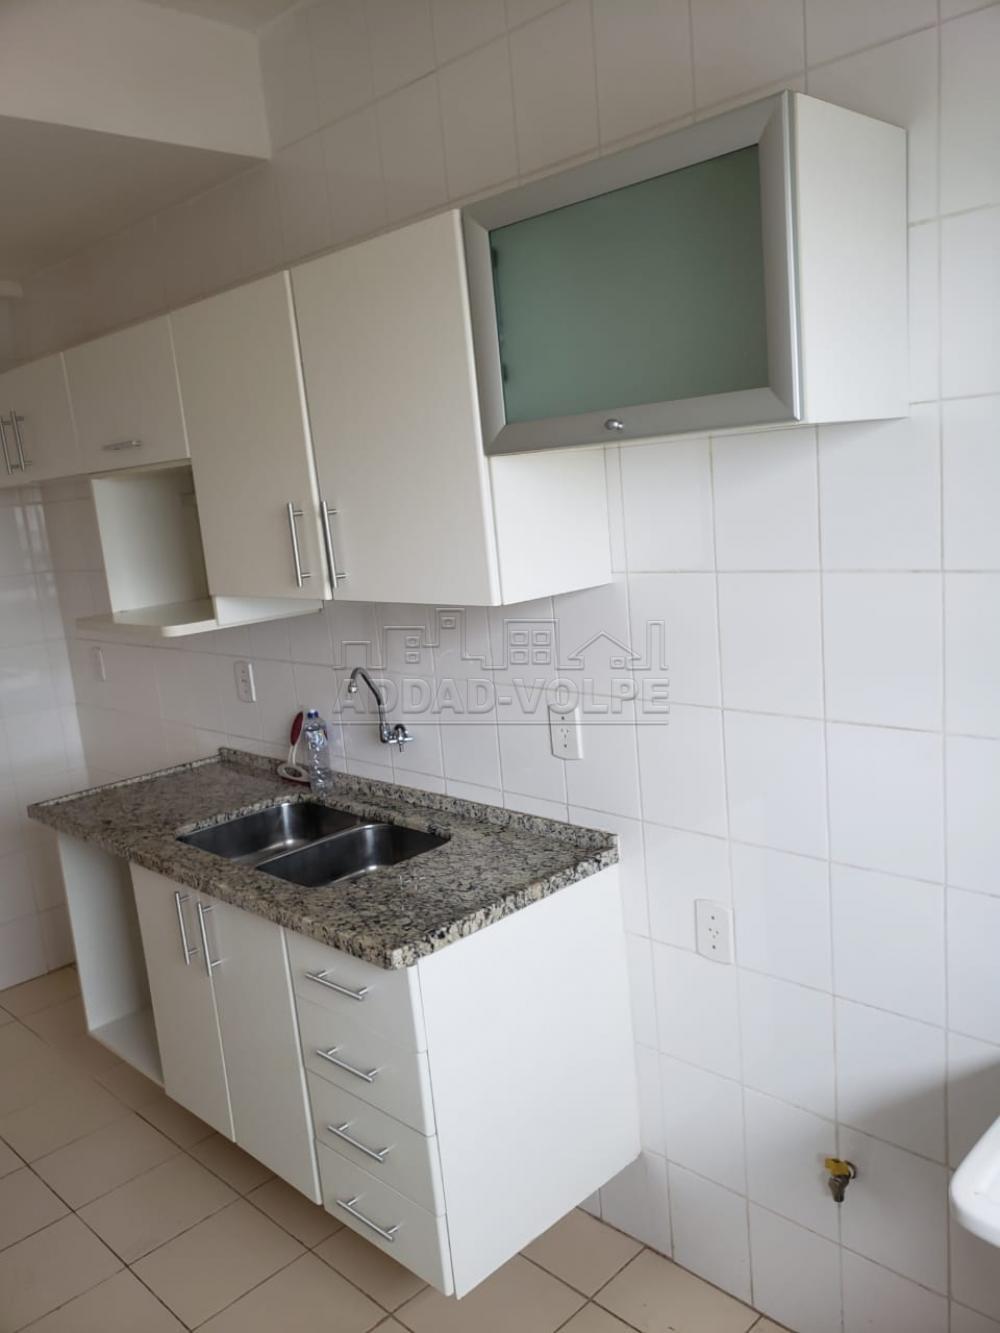 Alugar Apartamento / Cobertura em Bauru apenas R$ 1.500,00 - Foto 4